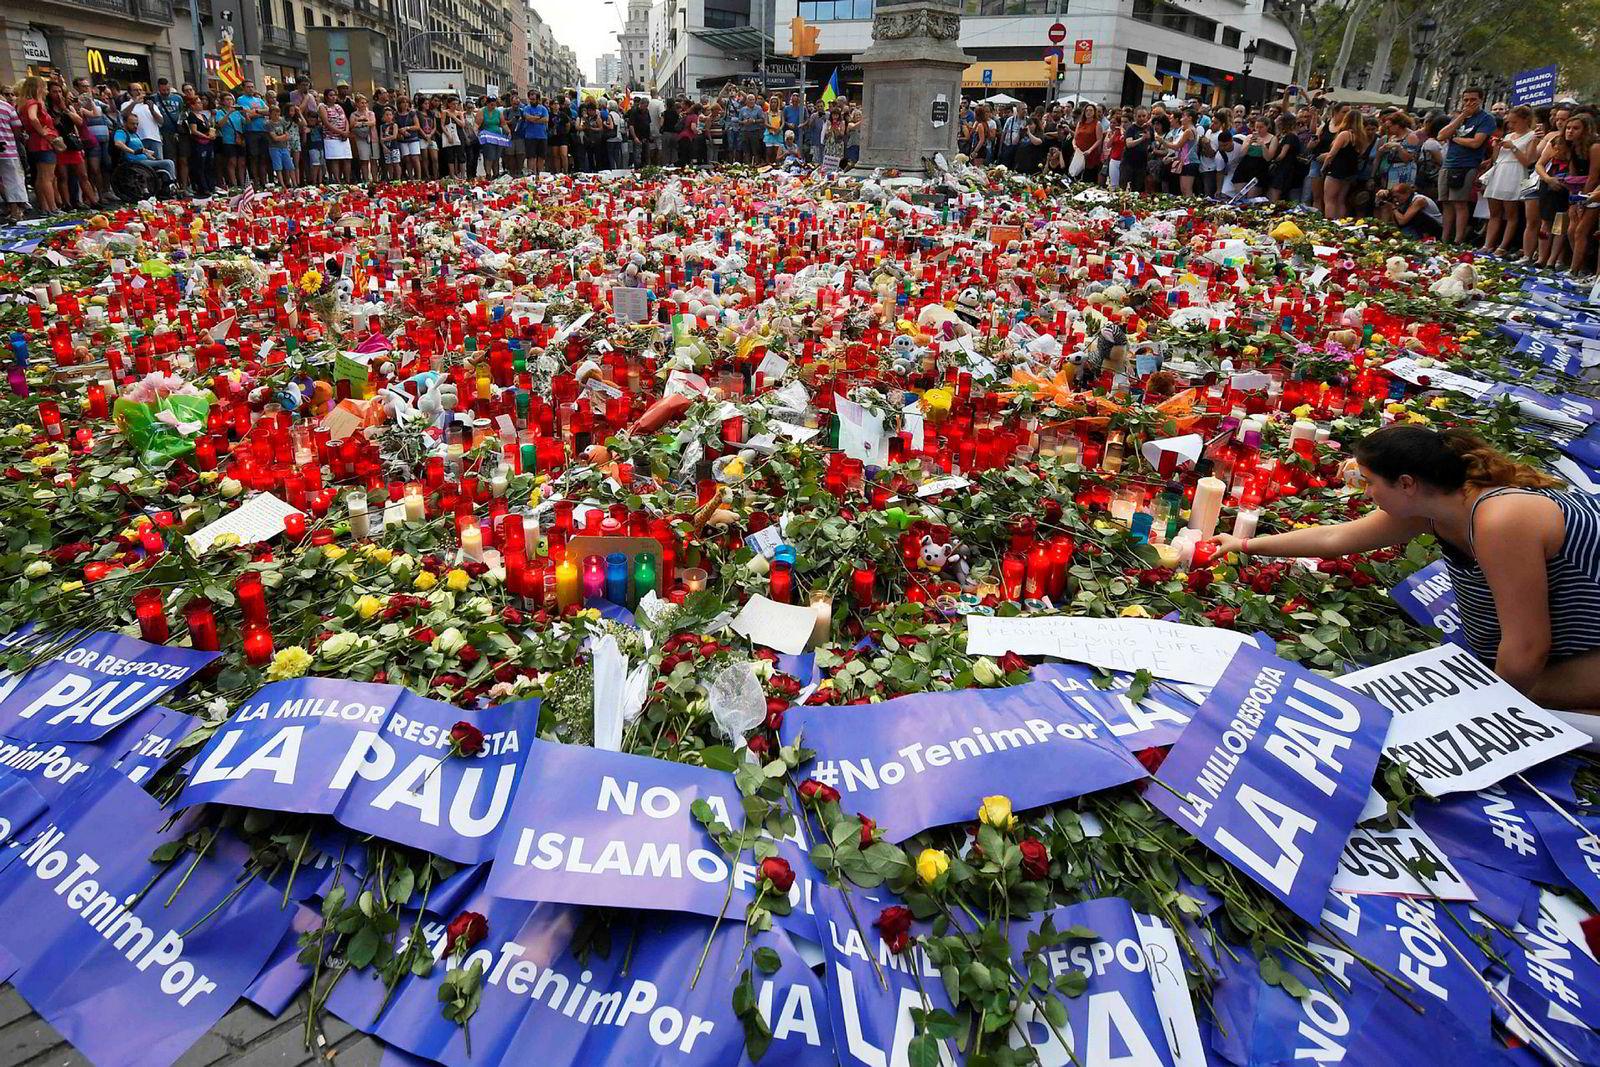 26. august markerte et hav av blomster åstedet for terrorangrepet på Las Ramblas i Barcelona 17. august. Ny Tid har publisert en artikkel hvor det spekuleres i at terrorangrepet var iscenesatt av spanske myndigheter.